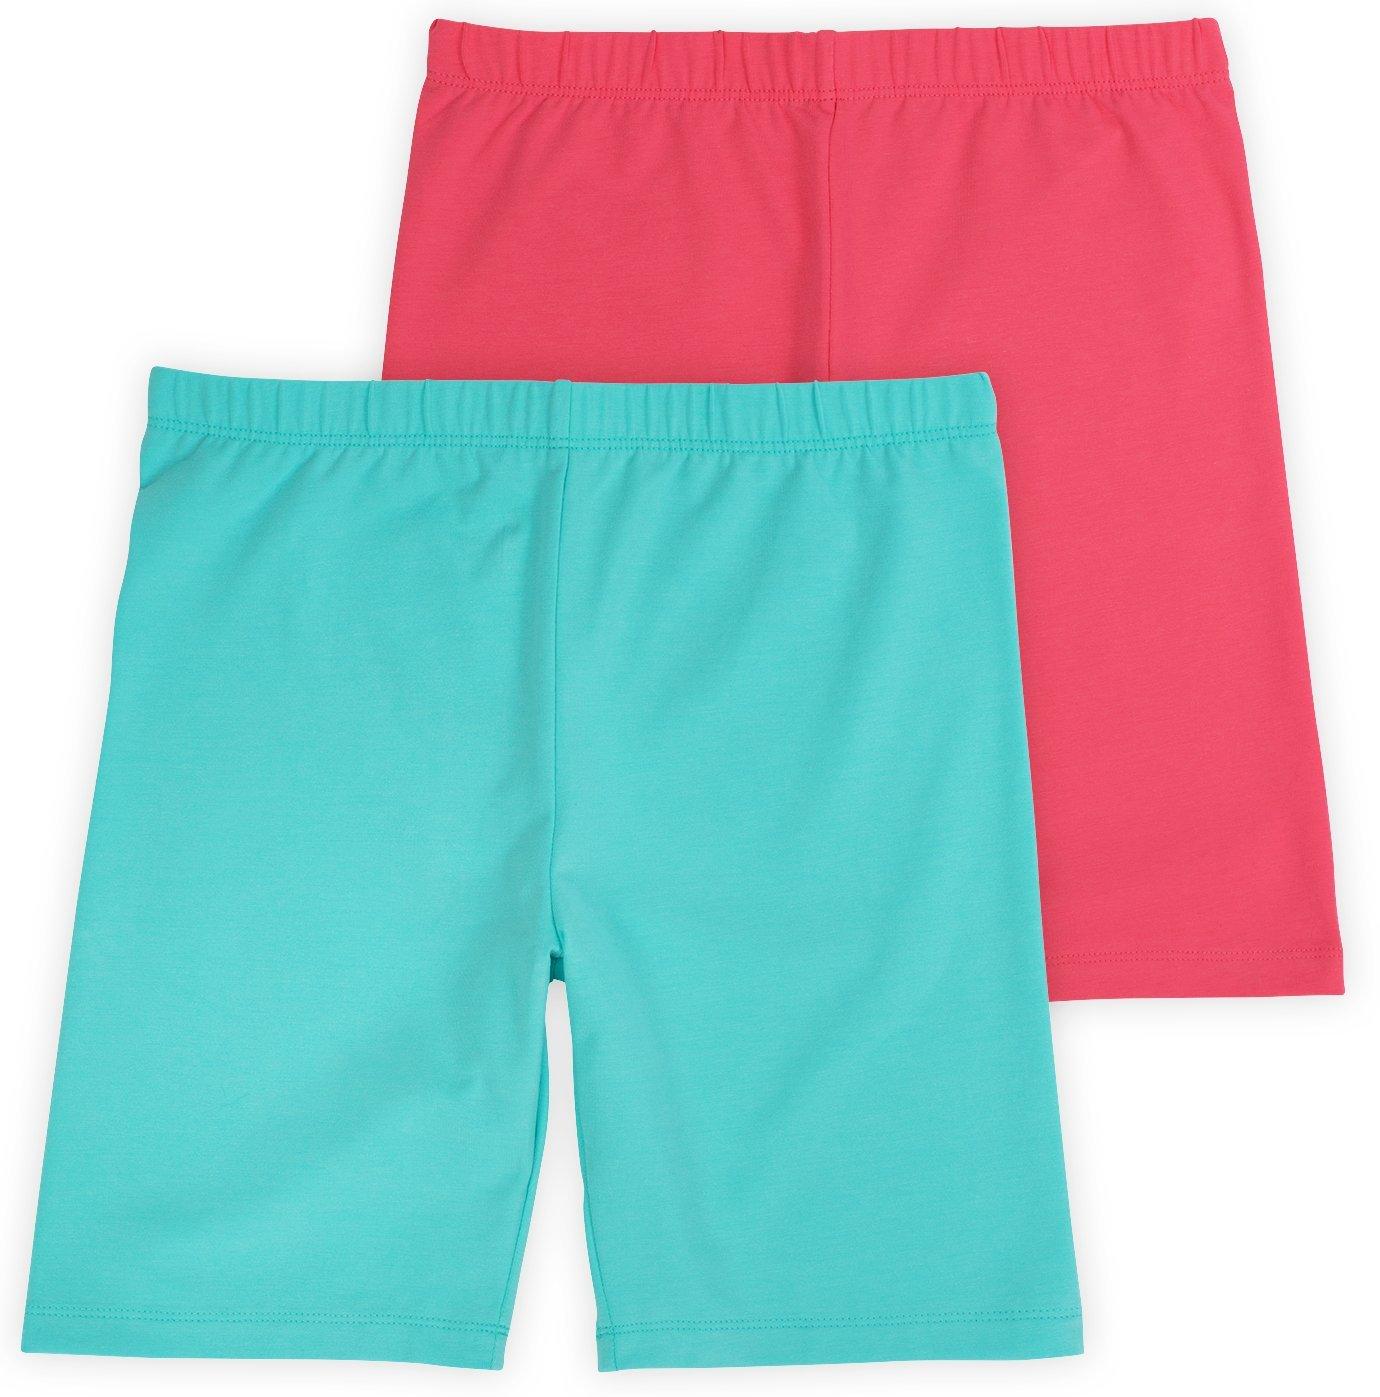 Annelle Pippa Big Girls Bike Underwear Shorts, Tagless, Soft Cotton, 2-Pack, Undershorts, Sunset, 12